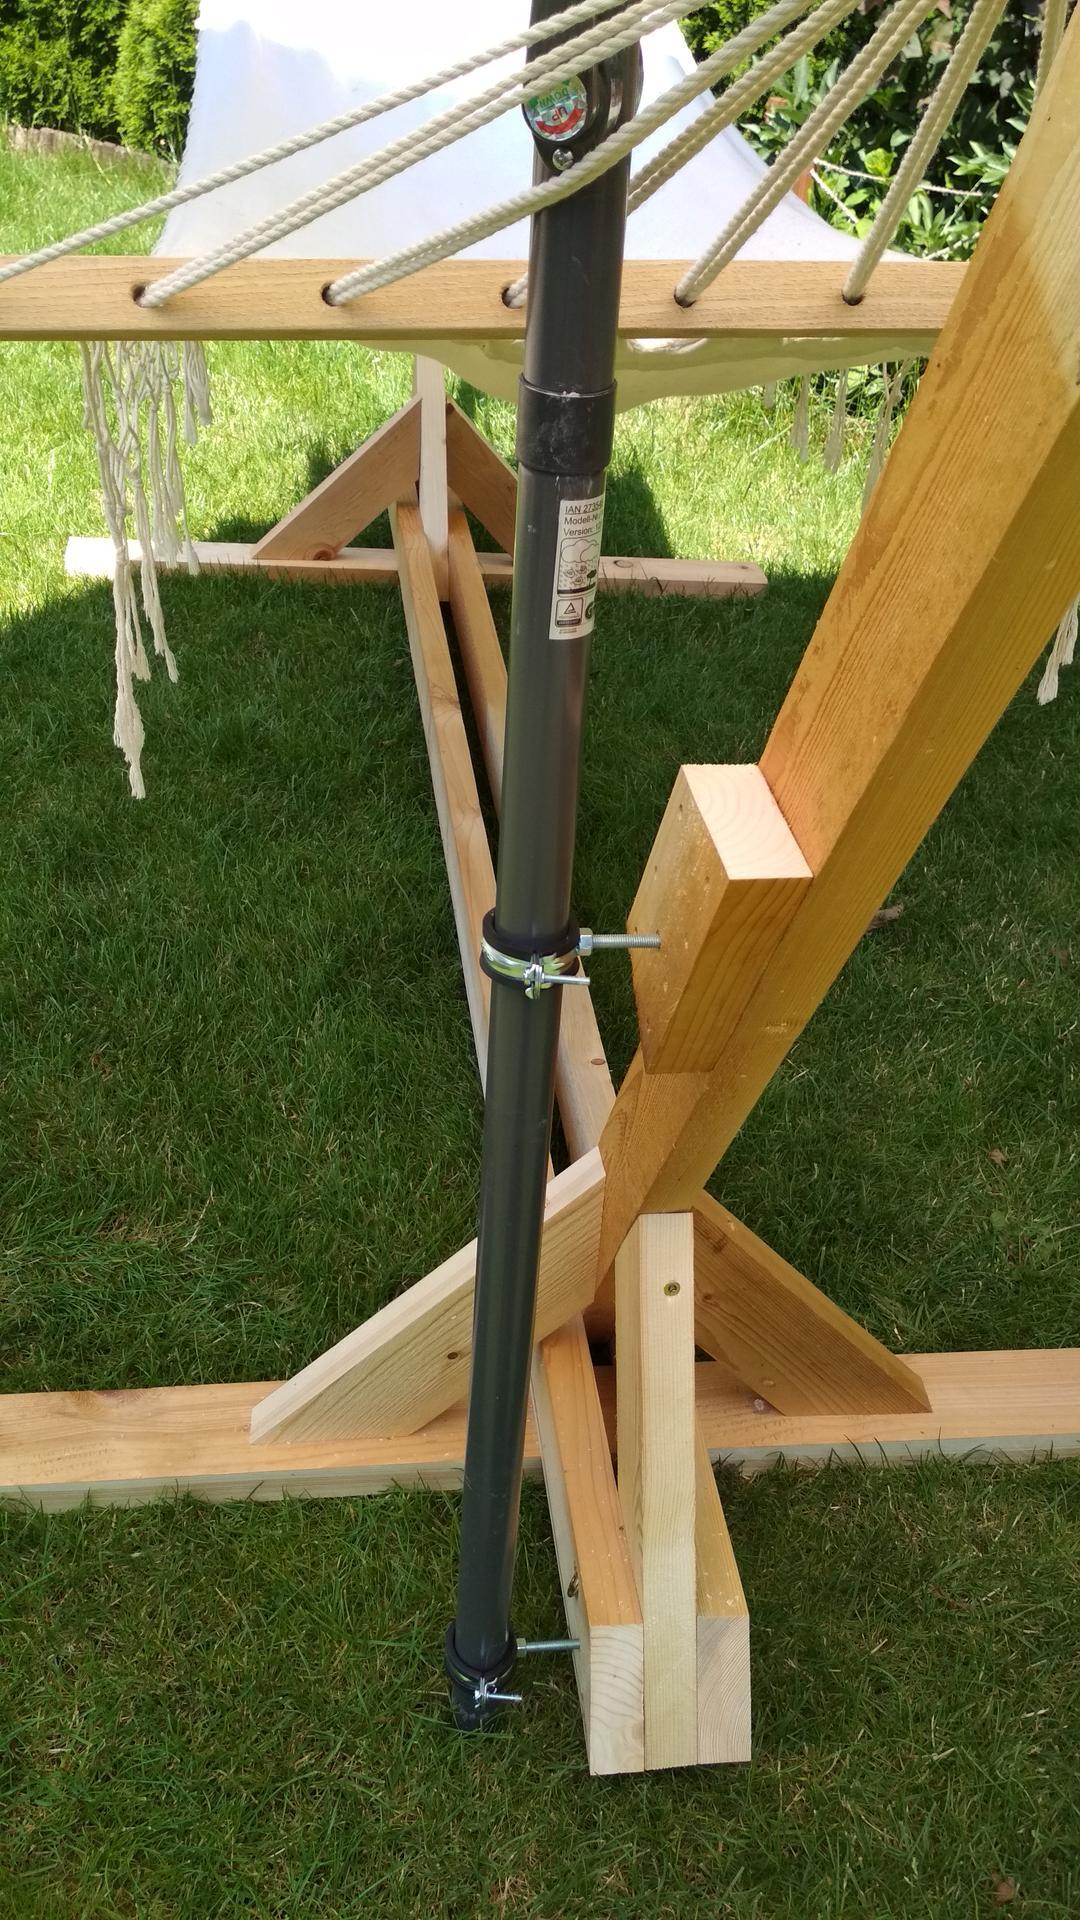 Drevený stojan na hojdaciu sieť... relax v záhrade - Obrázok č. 17